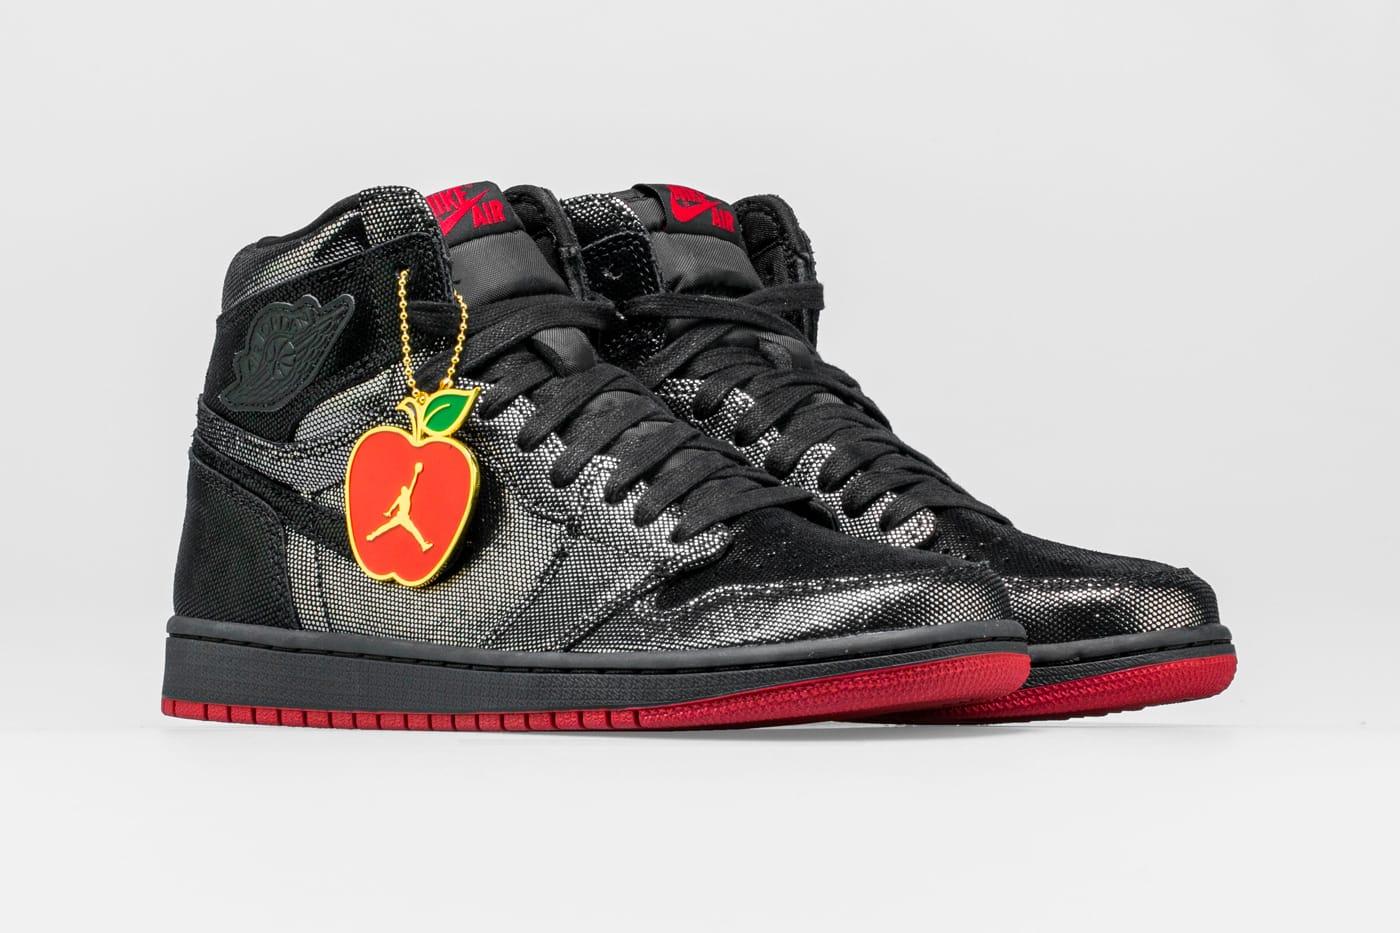 Shoe Palace x Air Jordan 1 HI OG \u201cSP Gina\u201d